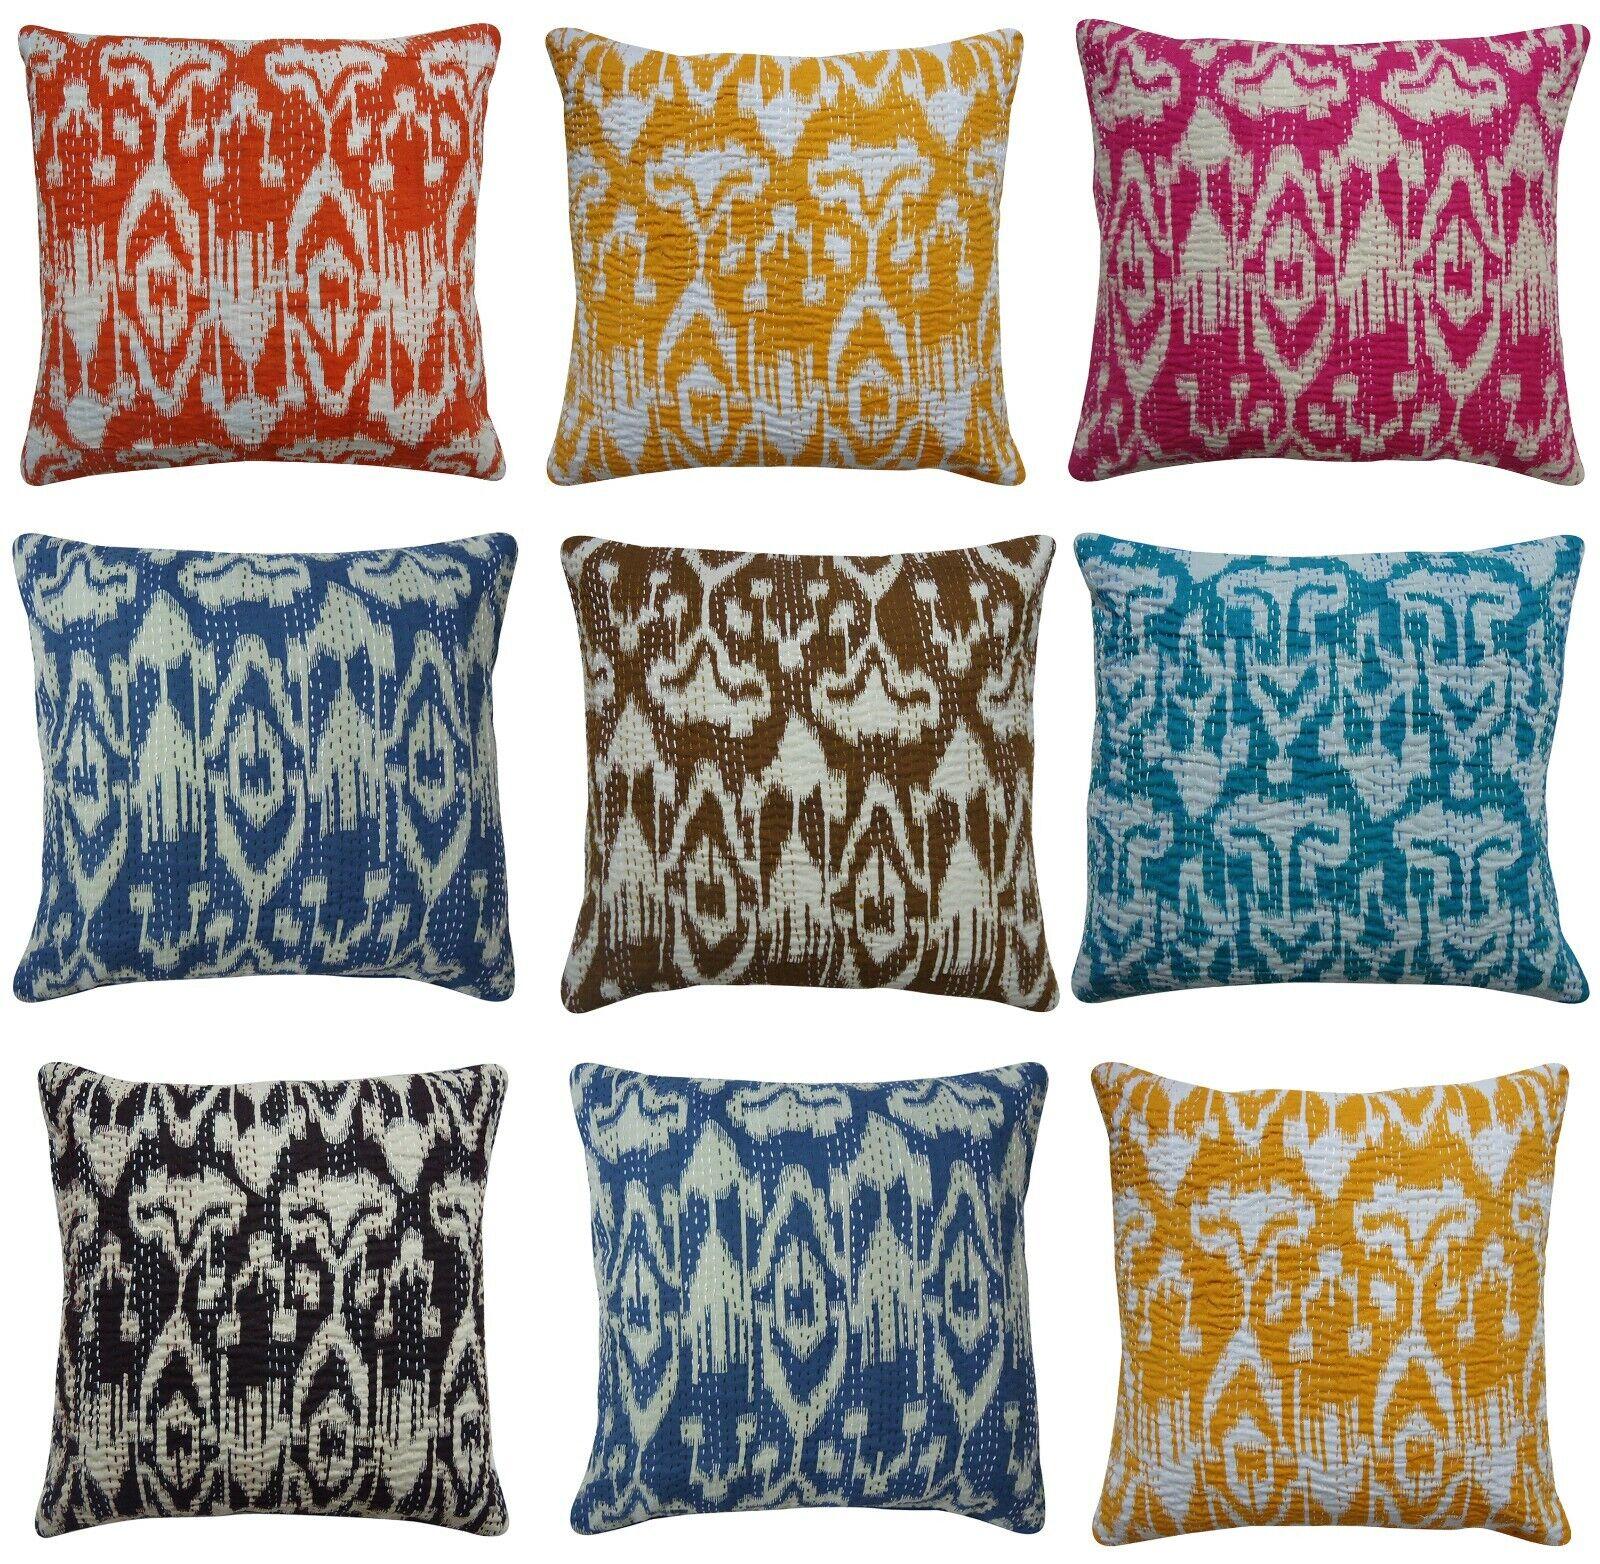 indian kantha stitch cushion cover ikat pattern